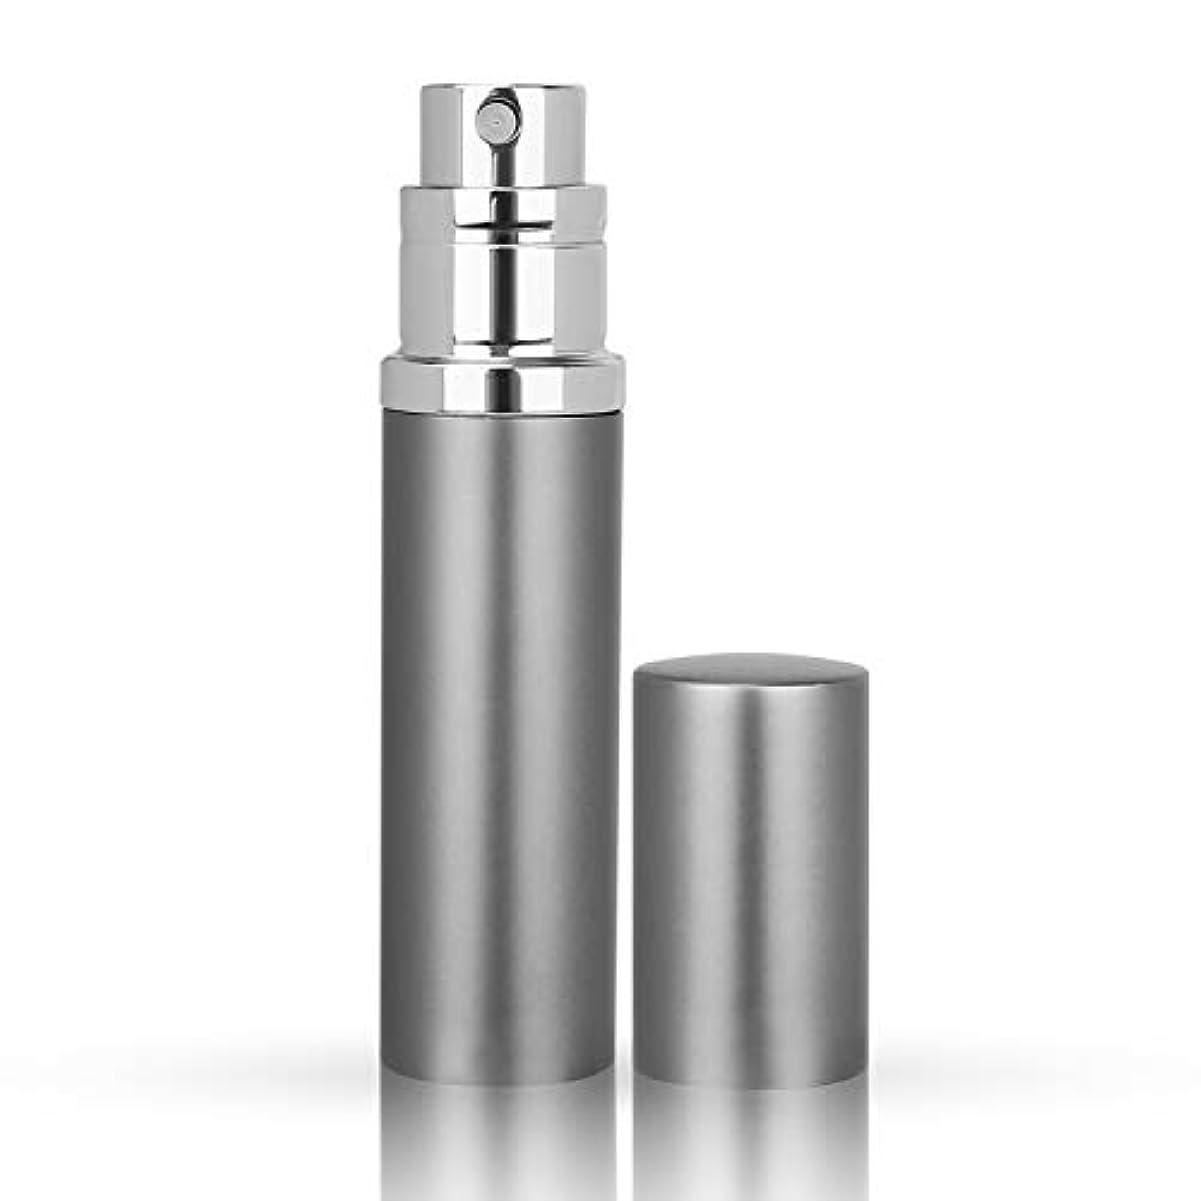 権限工業化する免疫MOOMU アトマイザー 香水スプレー 噴霧器 詰め替え容器 底部充填方式 携帯用5ml (シルバー Silver)